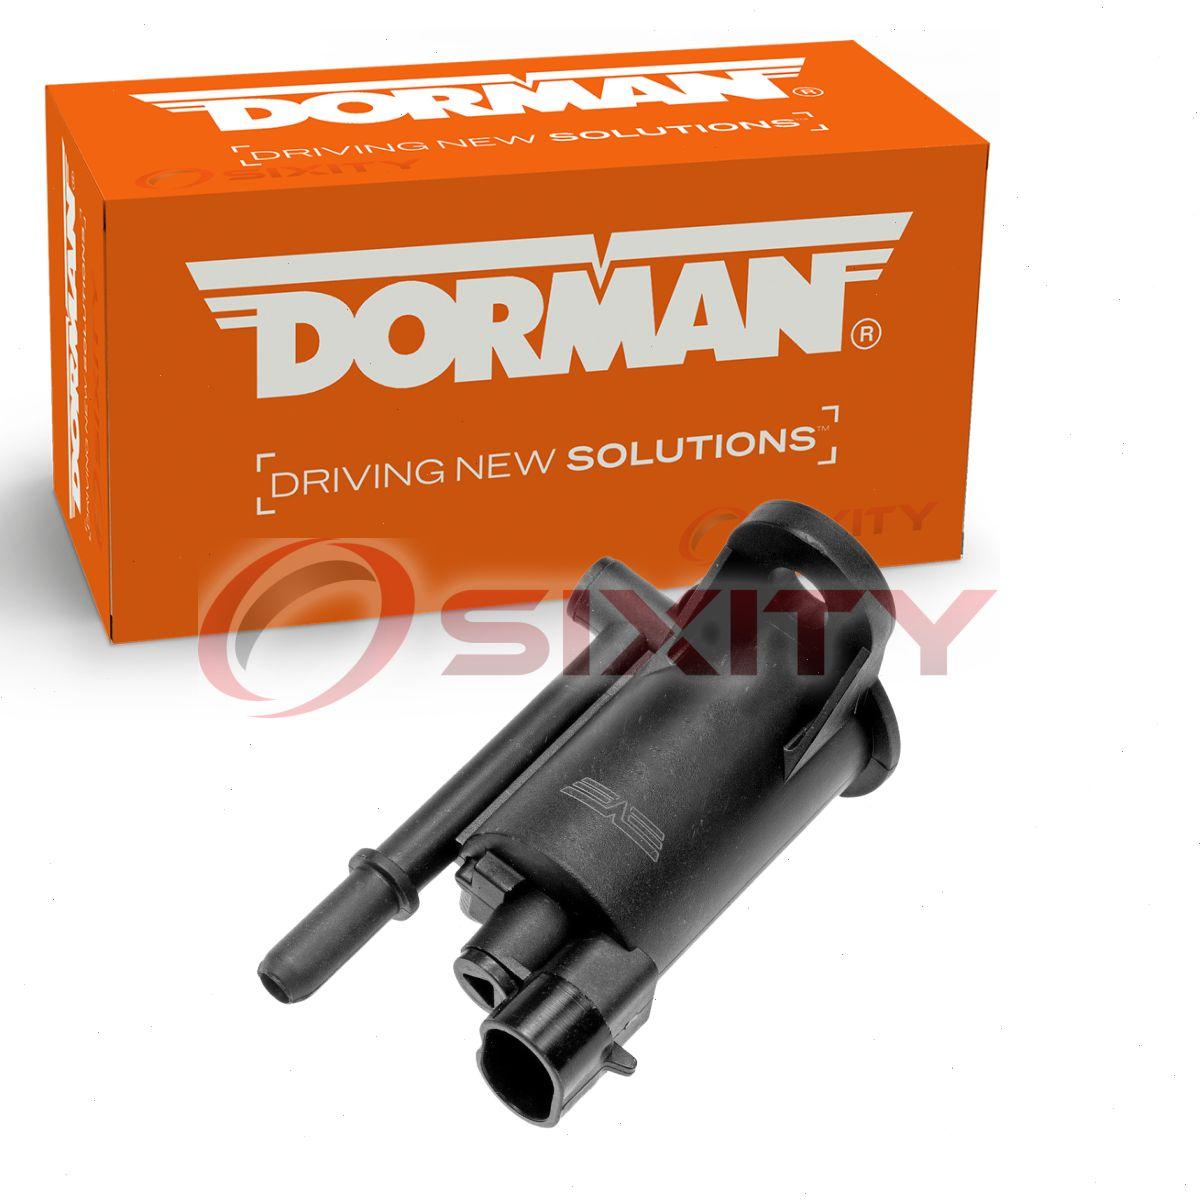 Dorman Vapor Canister Purge Valve for Chevy Tahoe 2004-2006 5.3L 4.8L V8 ud